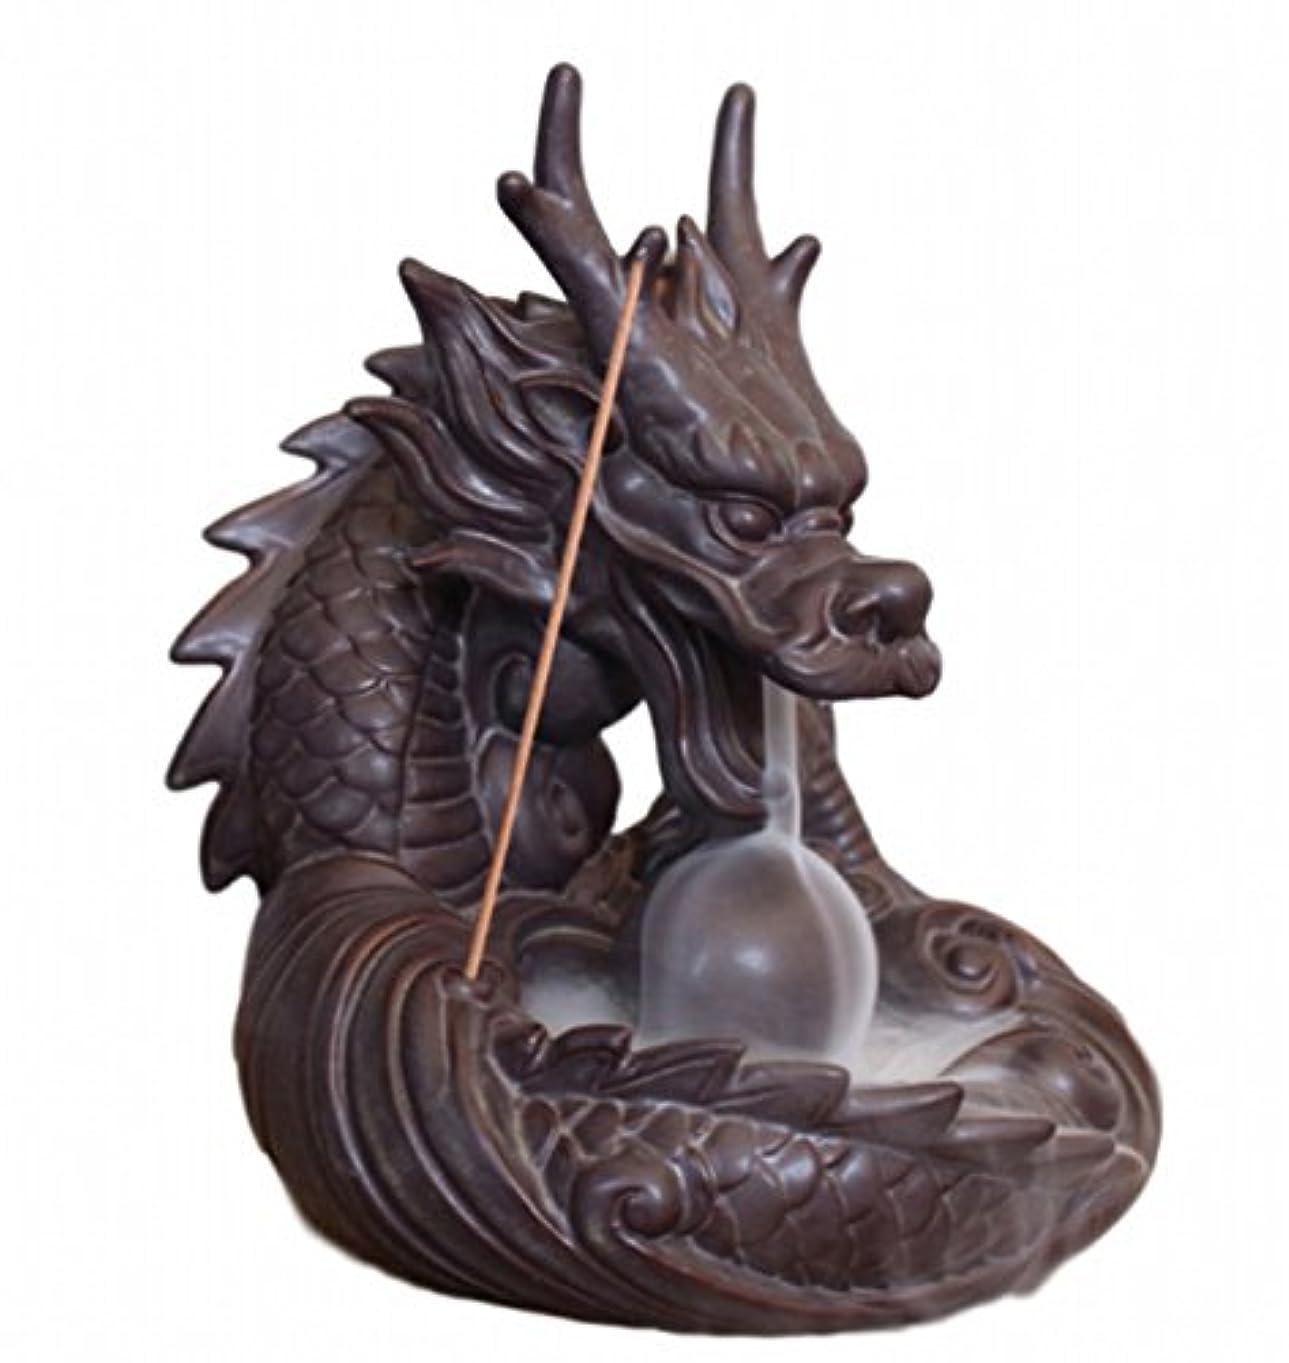 定期的に勇敢な吐き出す【Rurumiマーケット】不思議なお香 倒流香 用 香炉 ドラゴン お試しお香付き 流川香 陶器製 (ドラゴンB)